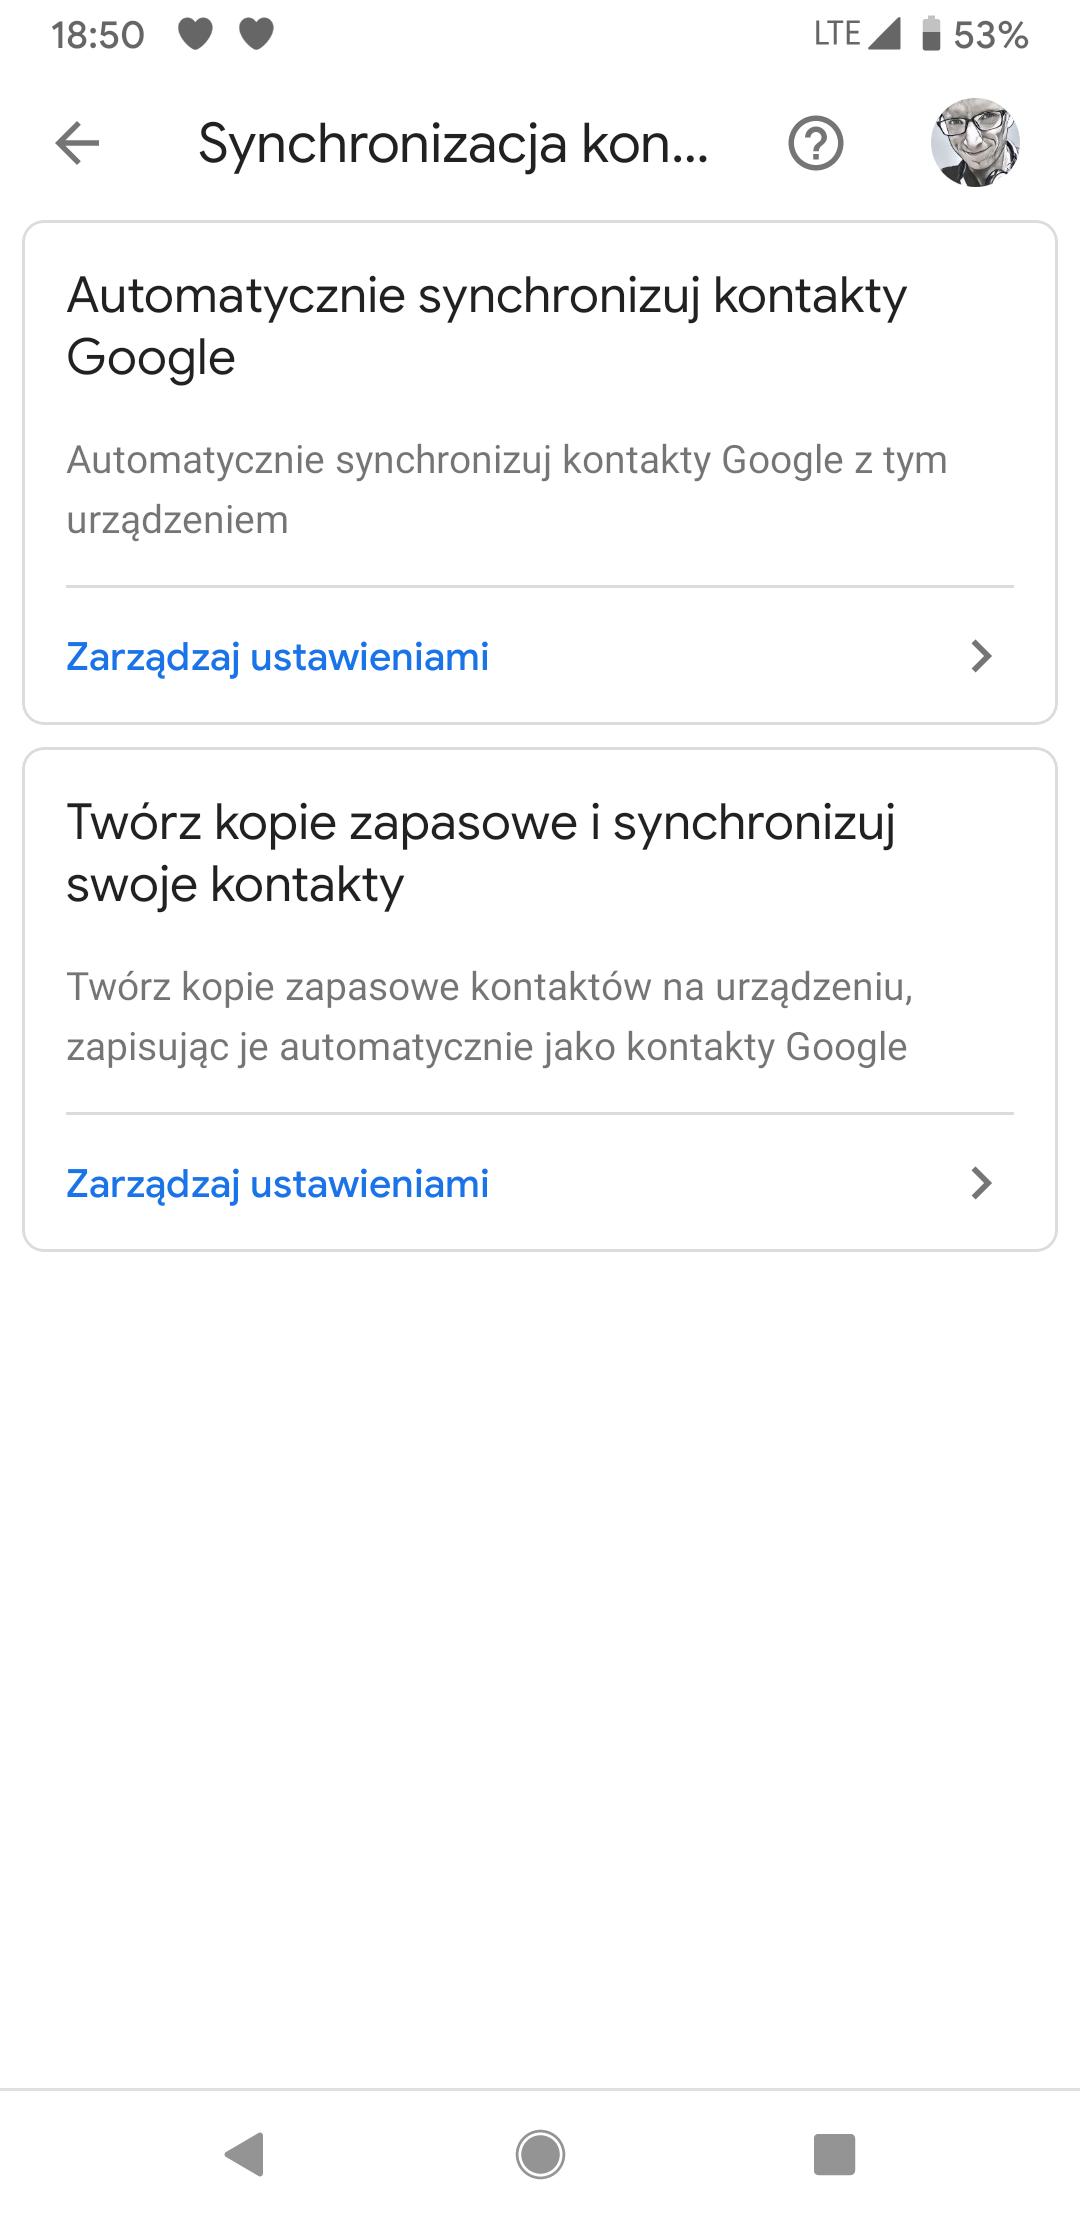 Kontakty Google dostają opcję tworzenia kopii zapasowych numerów zapisanych lokalnie 20